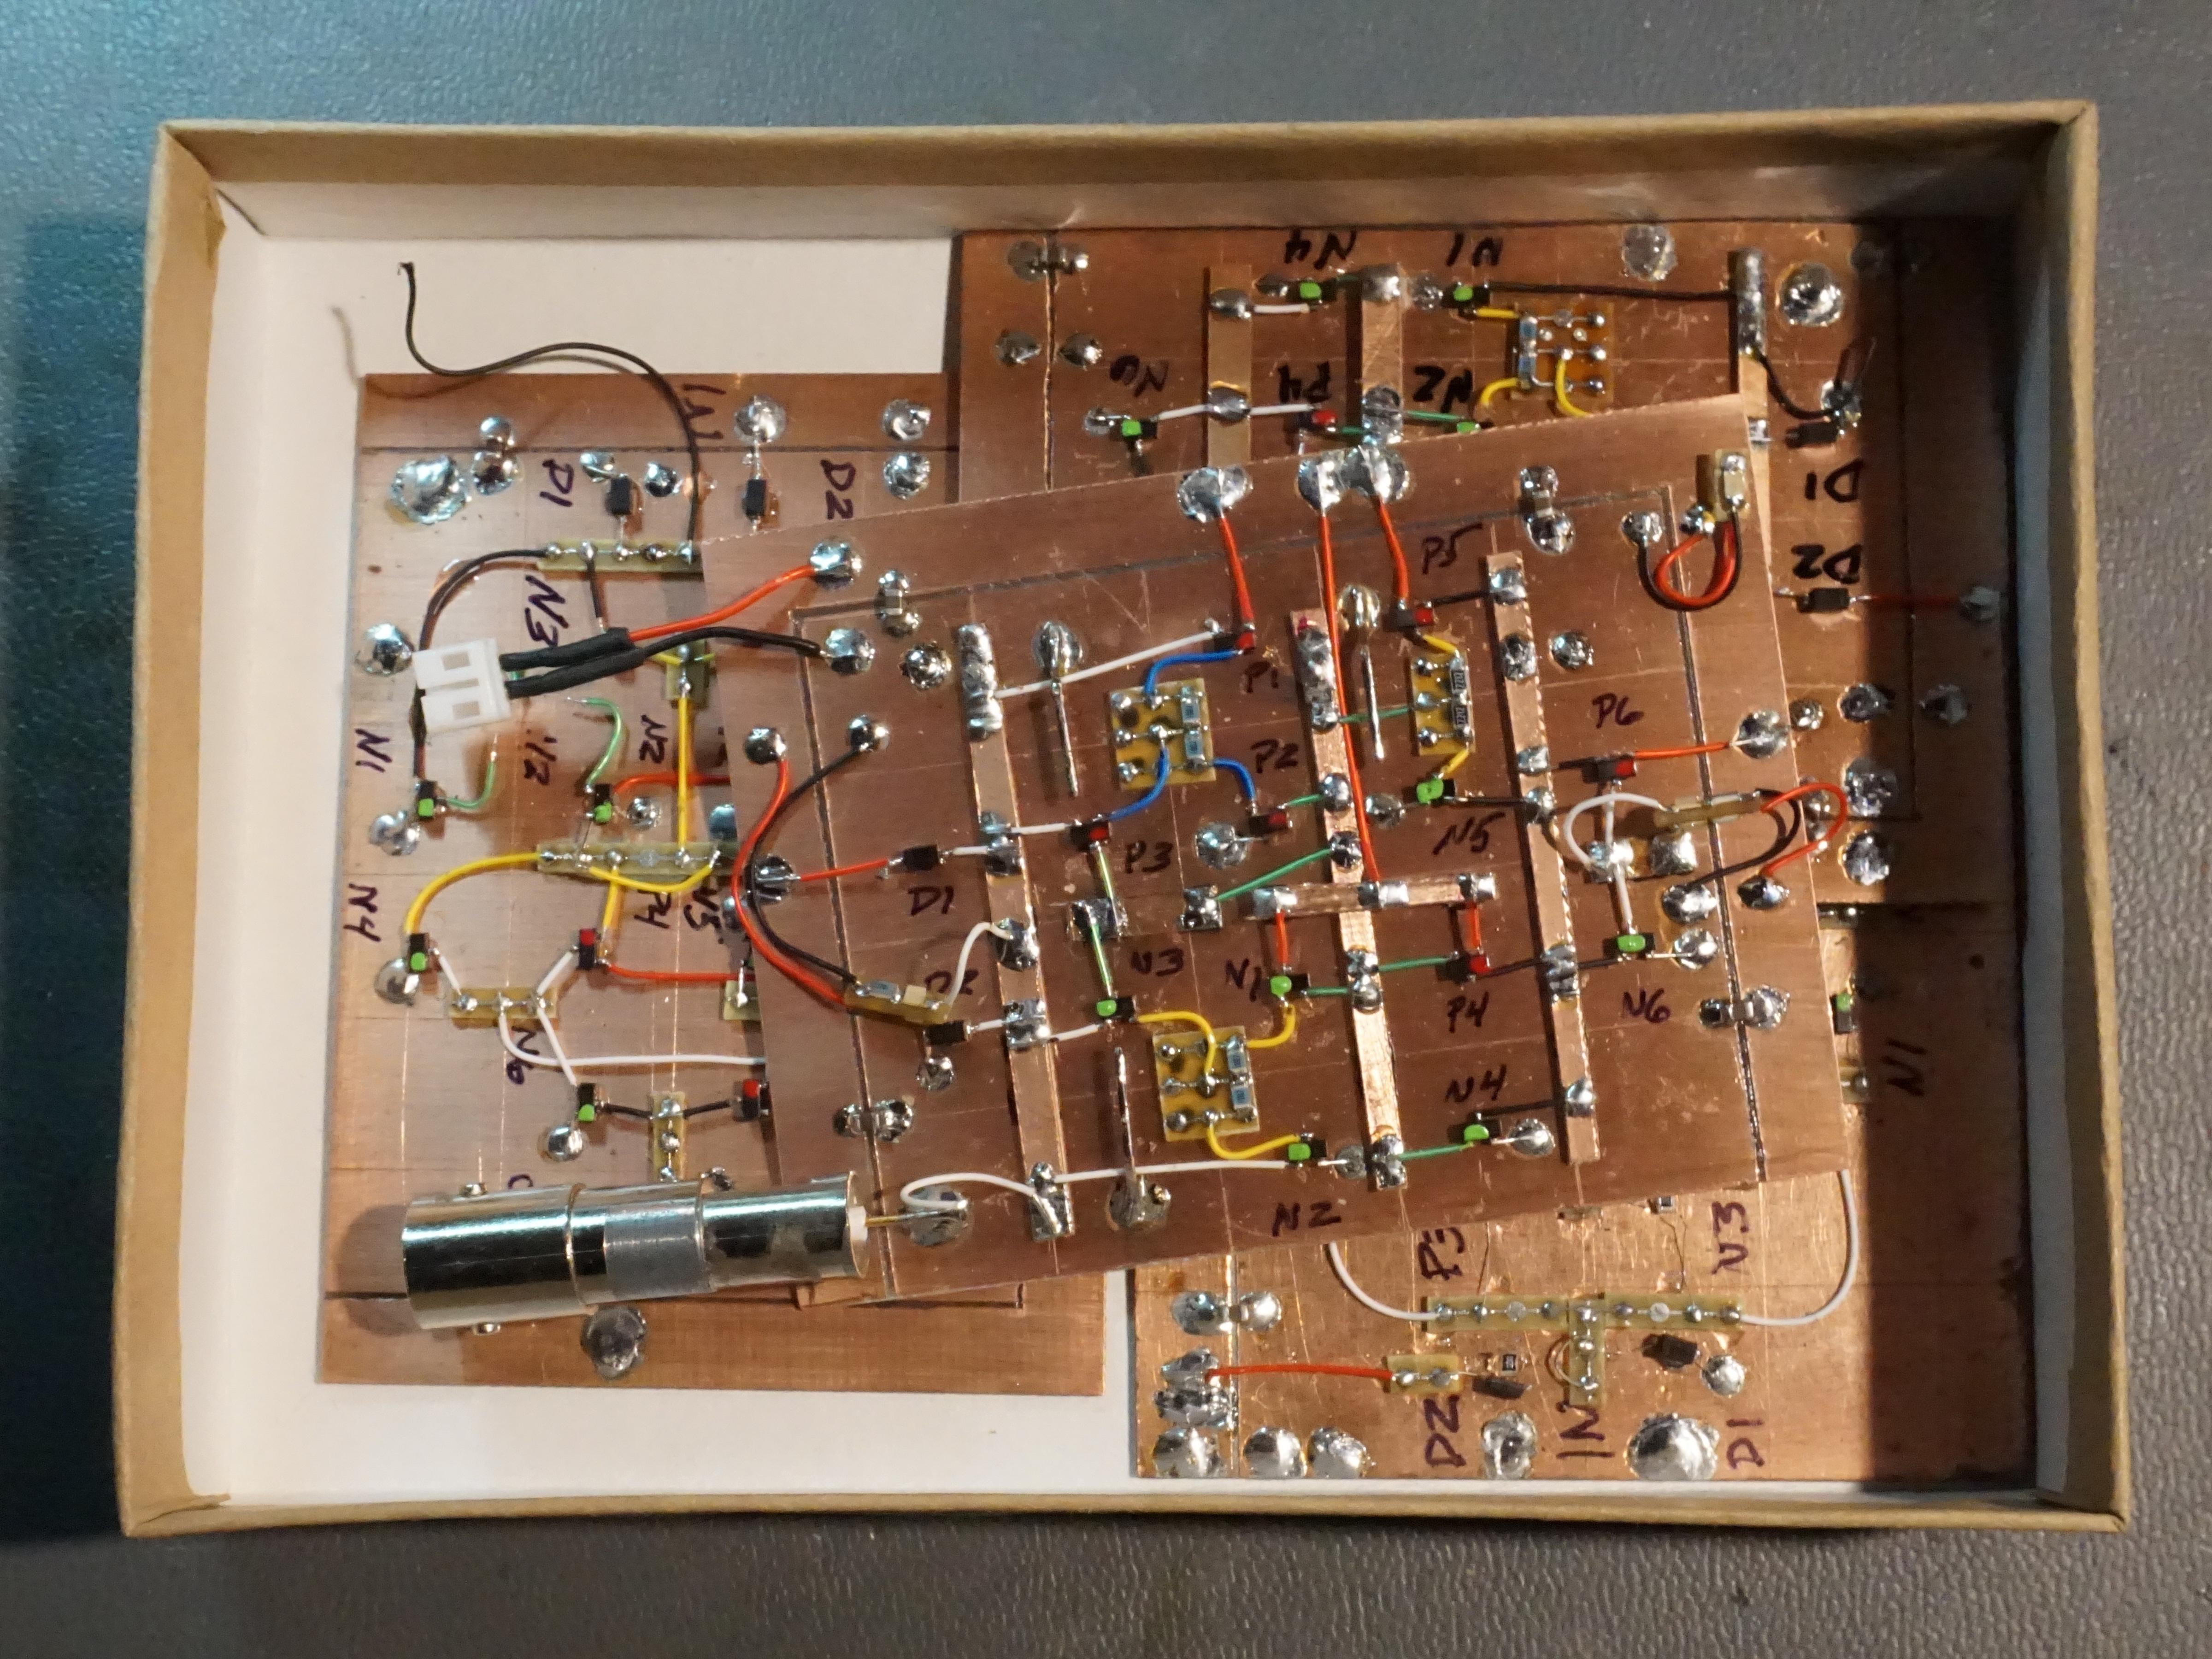 components_schmitt-failures.jpg